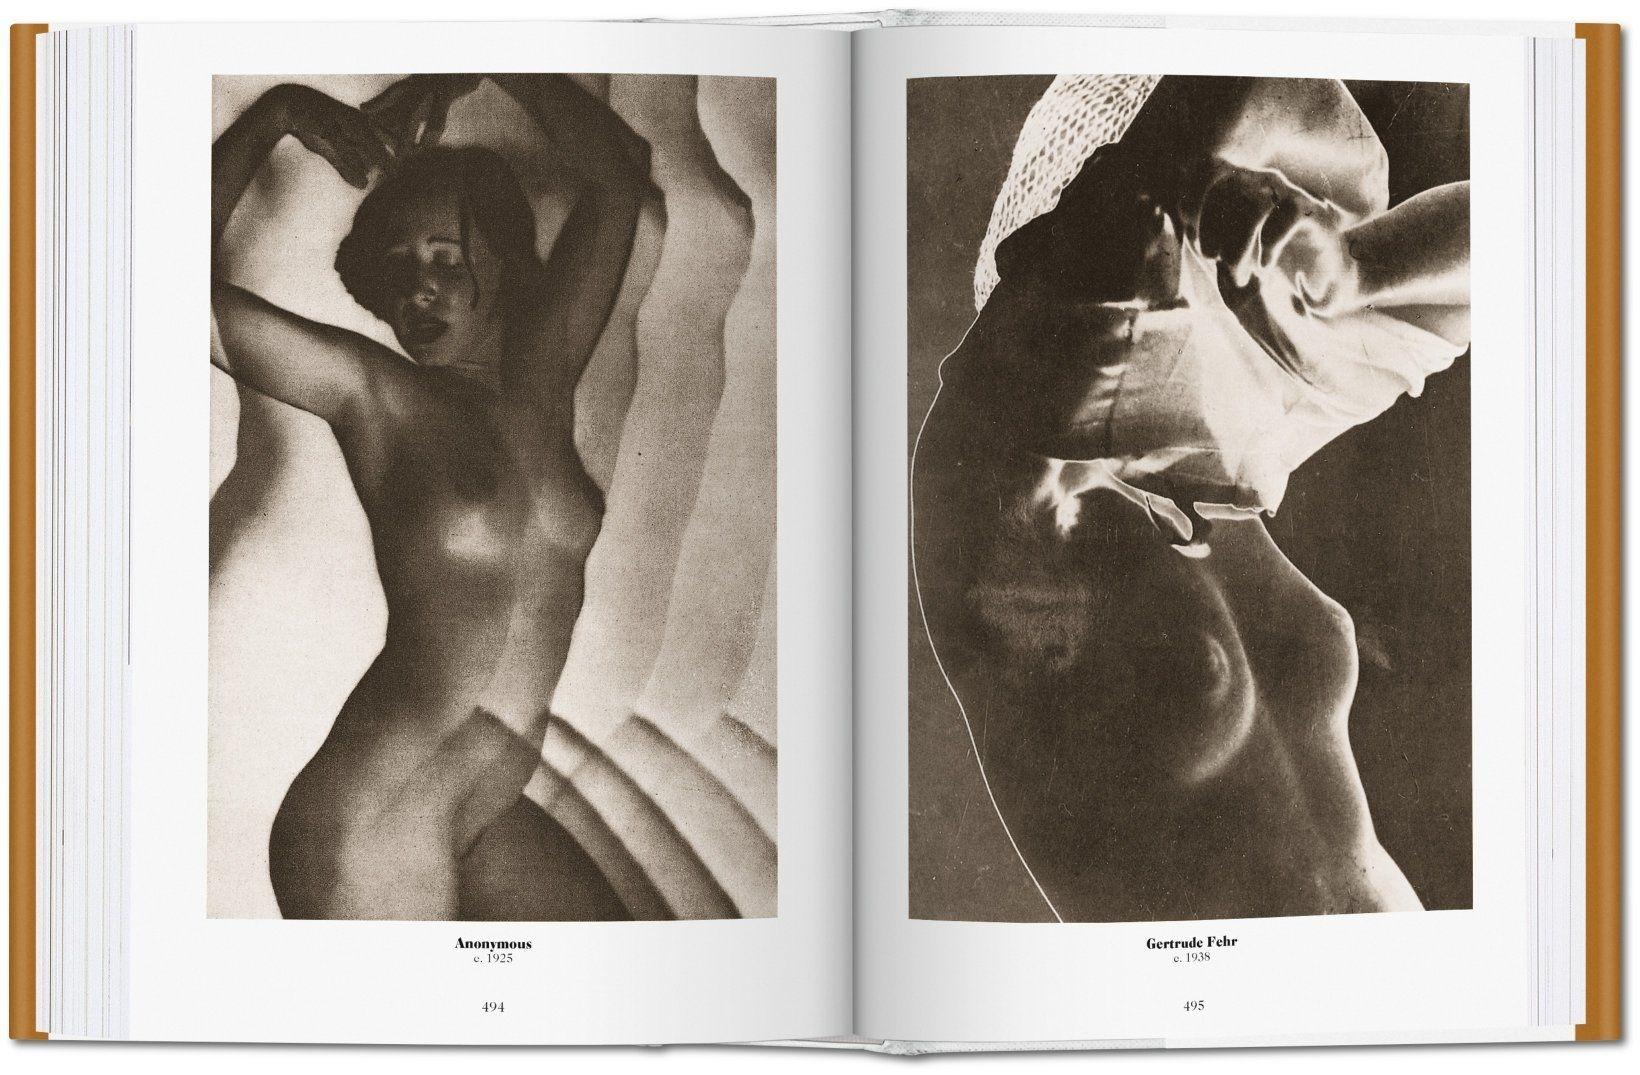 Livre 1000 nudes - TASCHEN